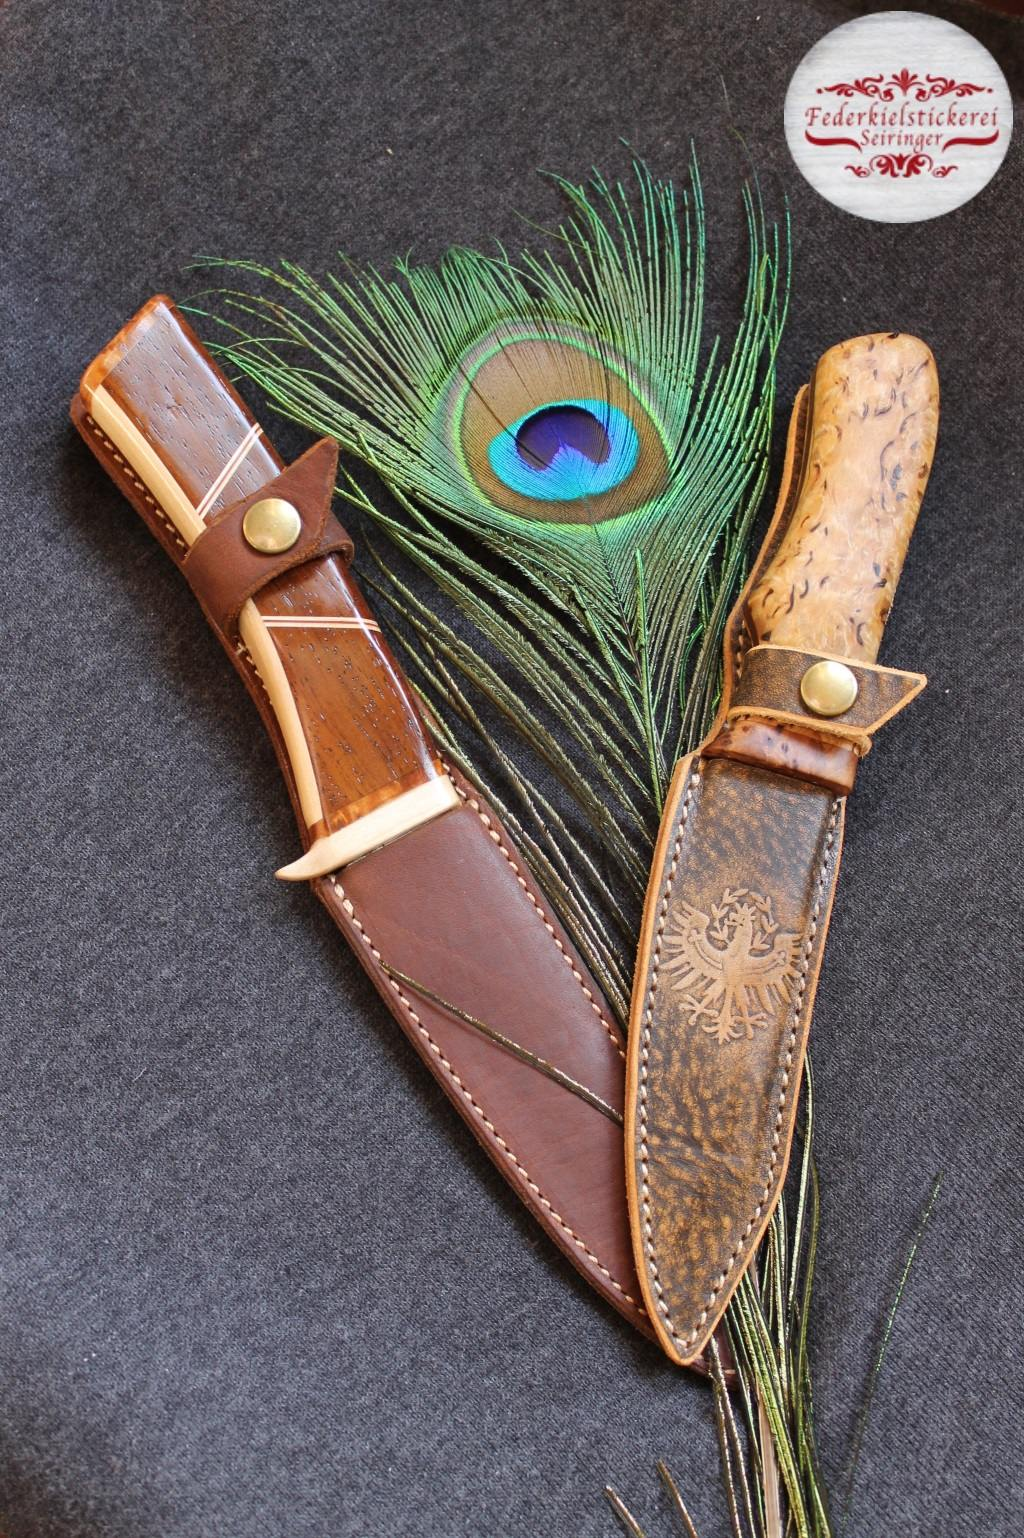 Messerscheide mit geprägtem Adler